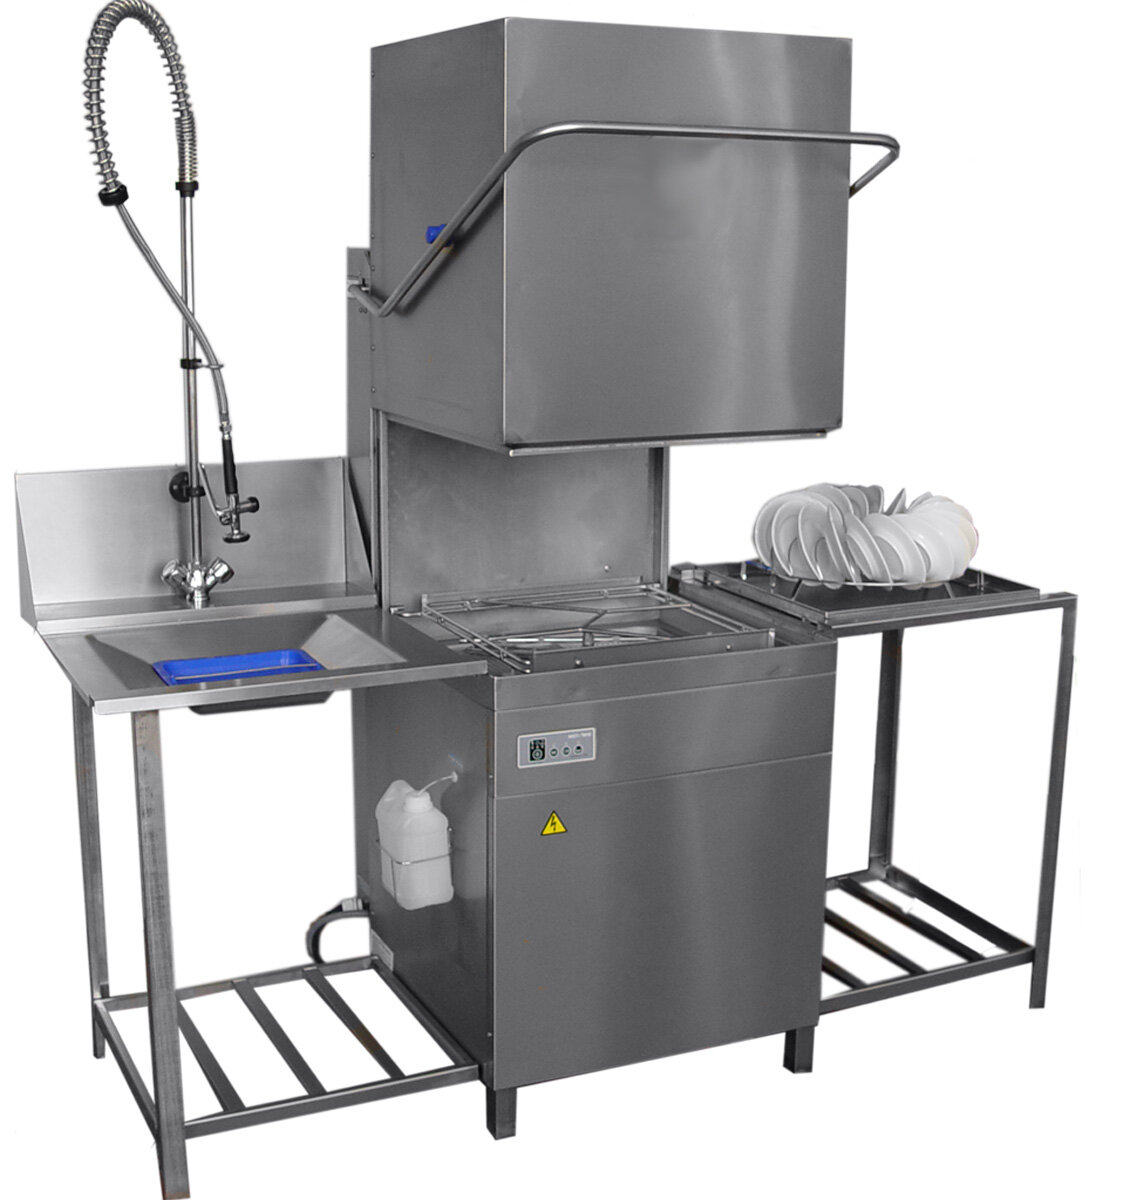 Купольная посудомоечная машина Гродторгмаш МПУ-700М со столами